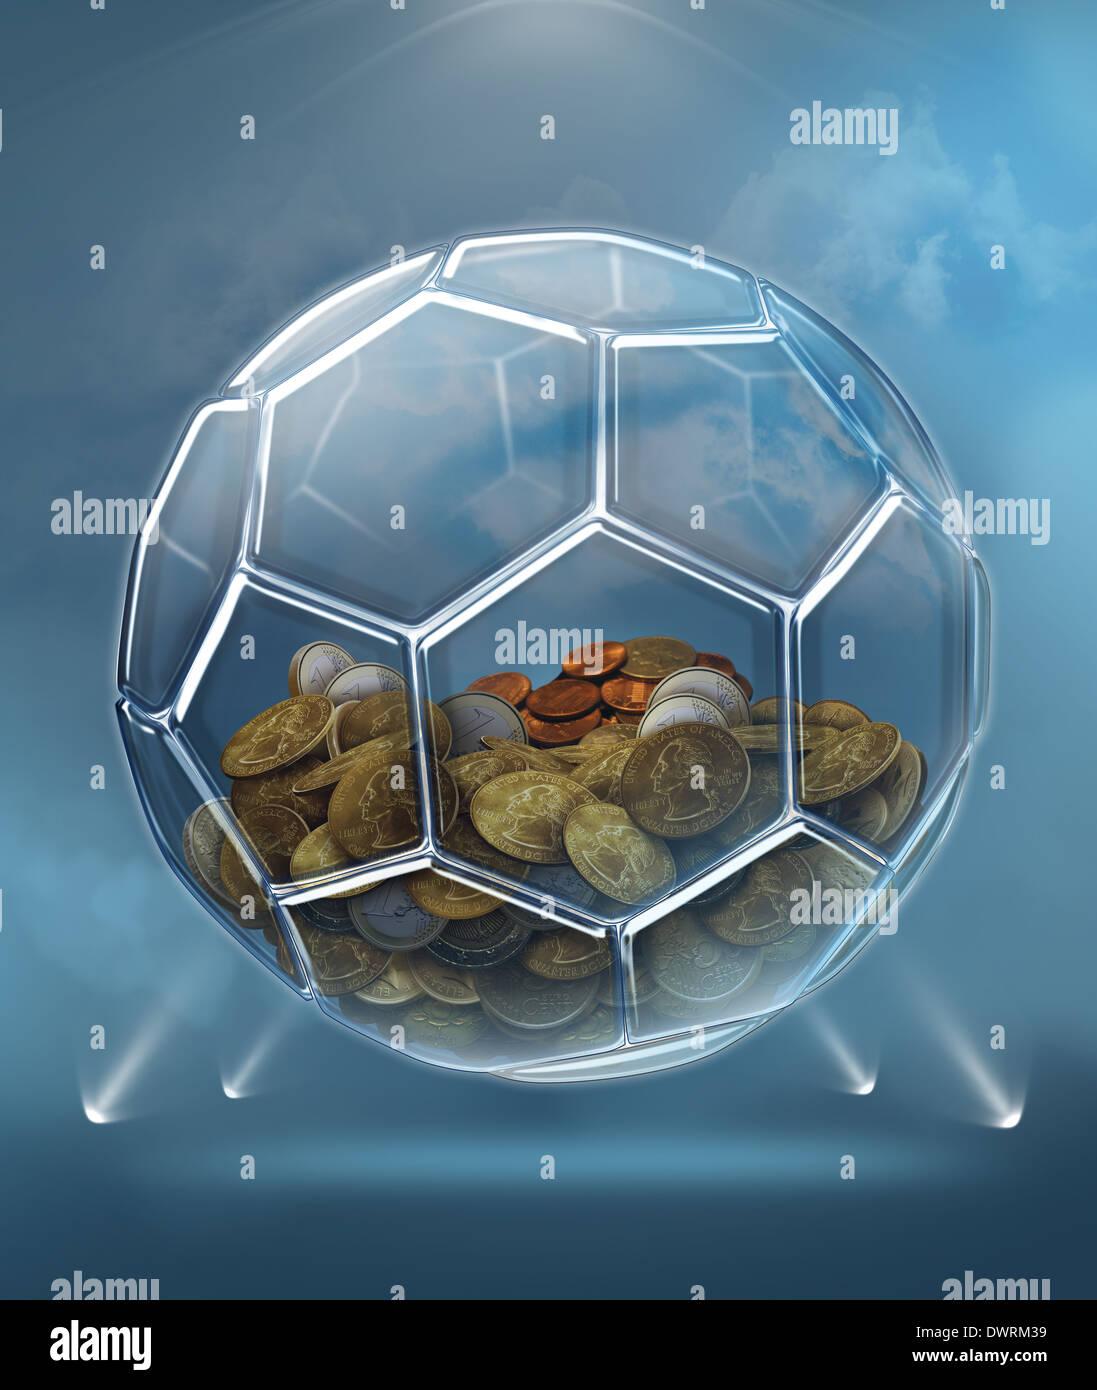 Illustrazione delle monete nella sfera trasparente che rappresentano i risparmi per la carriera di calcio Immagini Stock